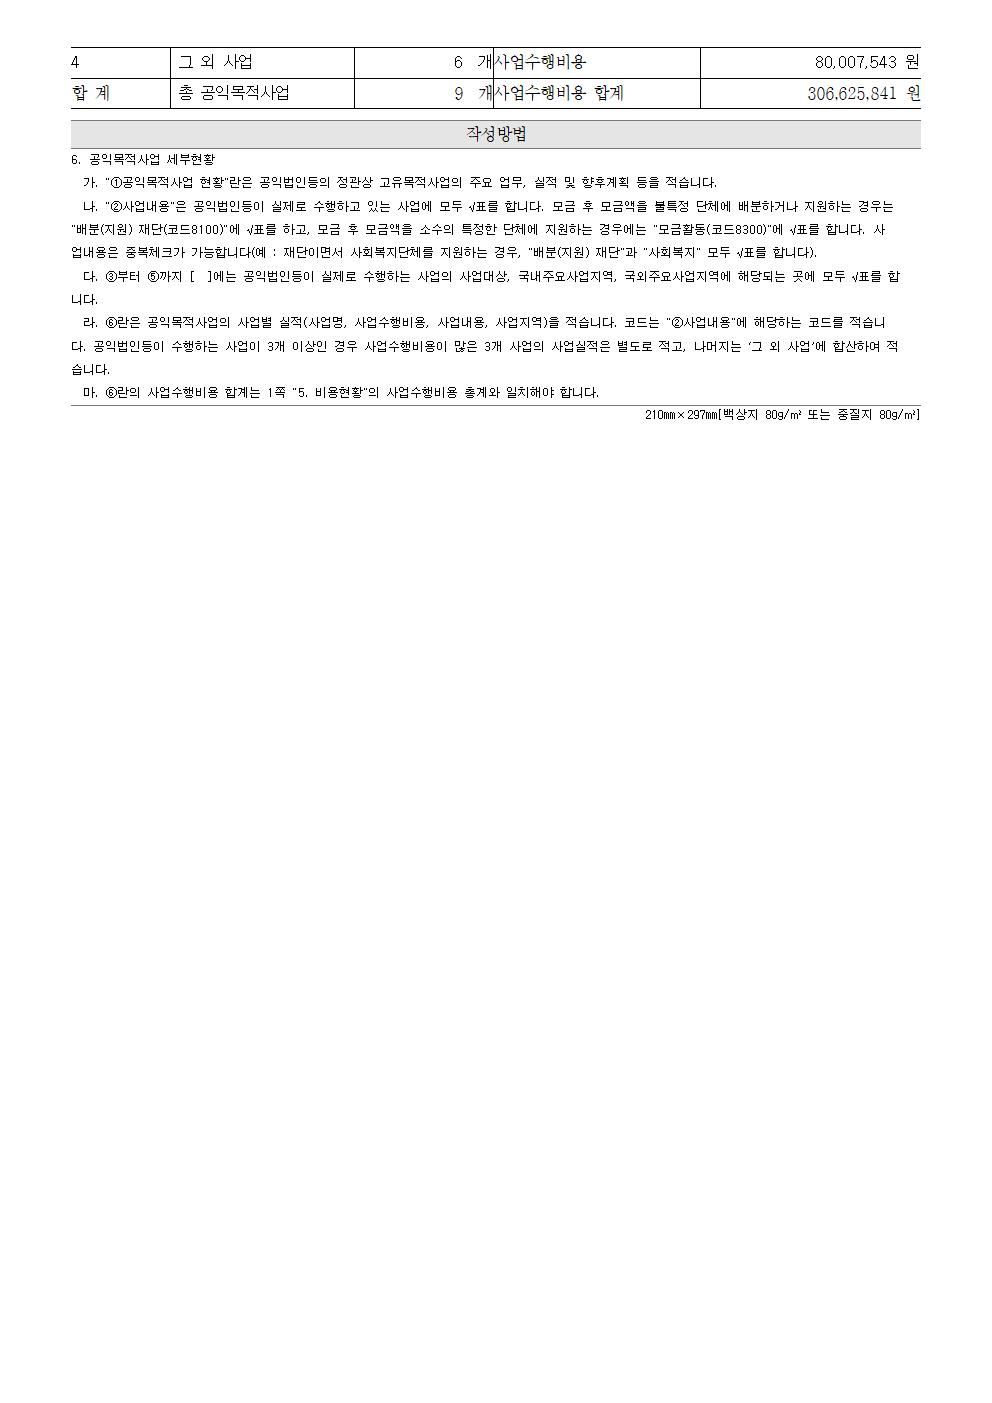 공시 보고서 의무공시 기본사항, 자산보유현황, 수입금액 및 필요경비 현황003.png